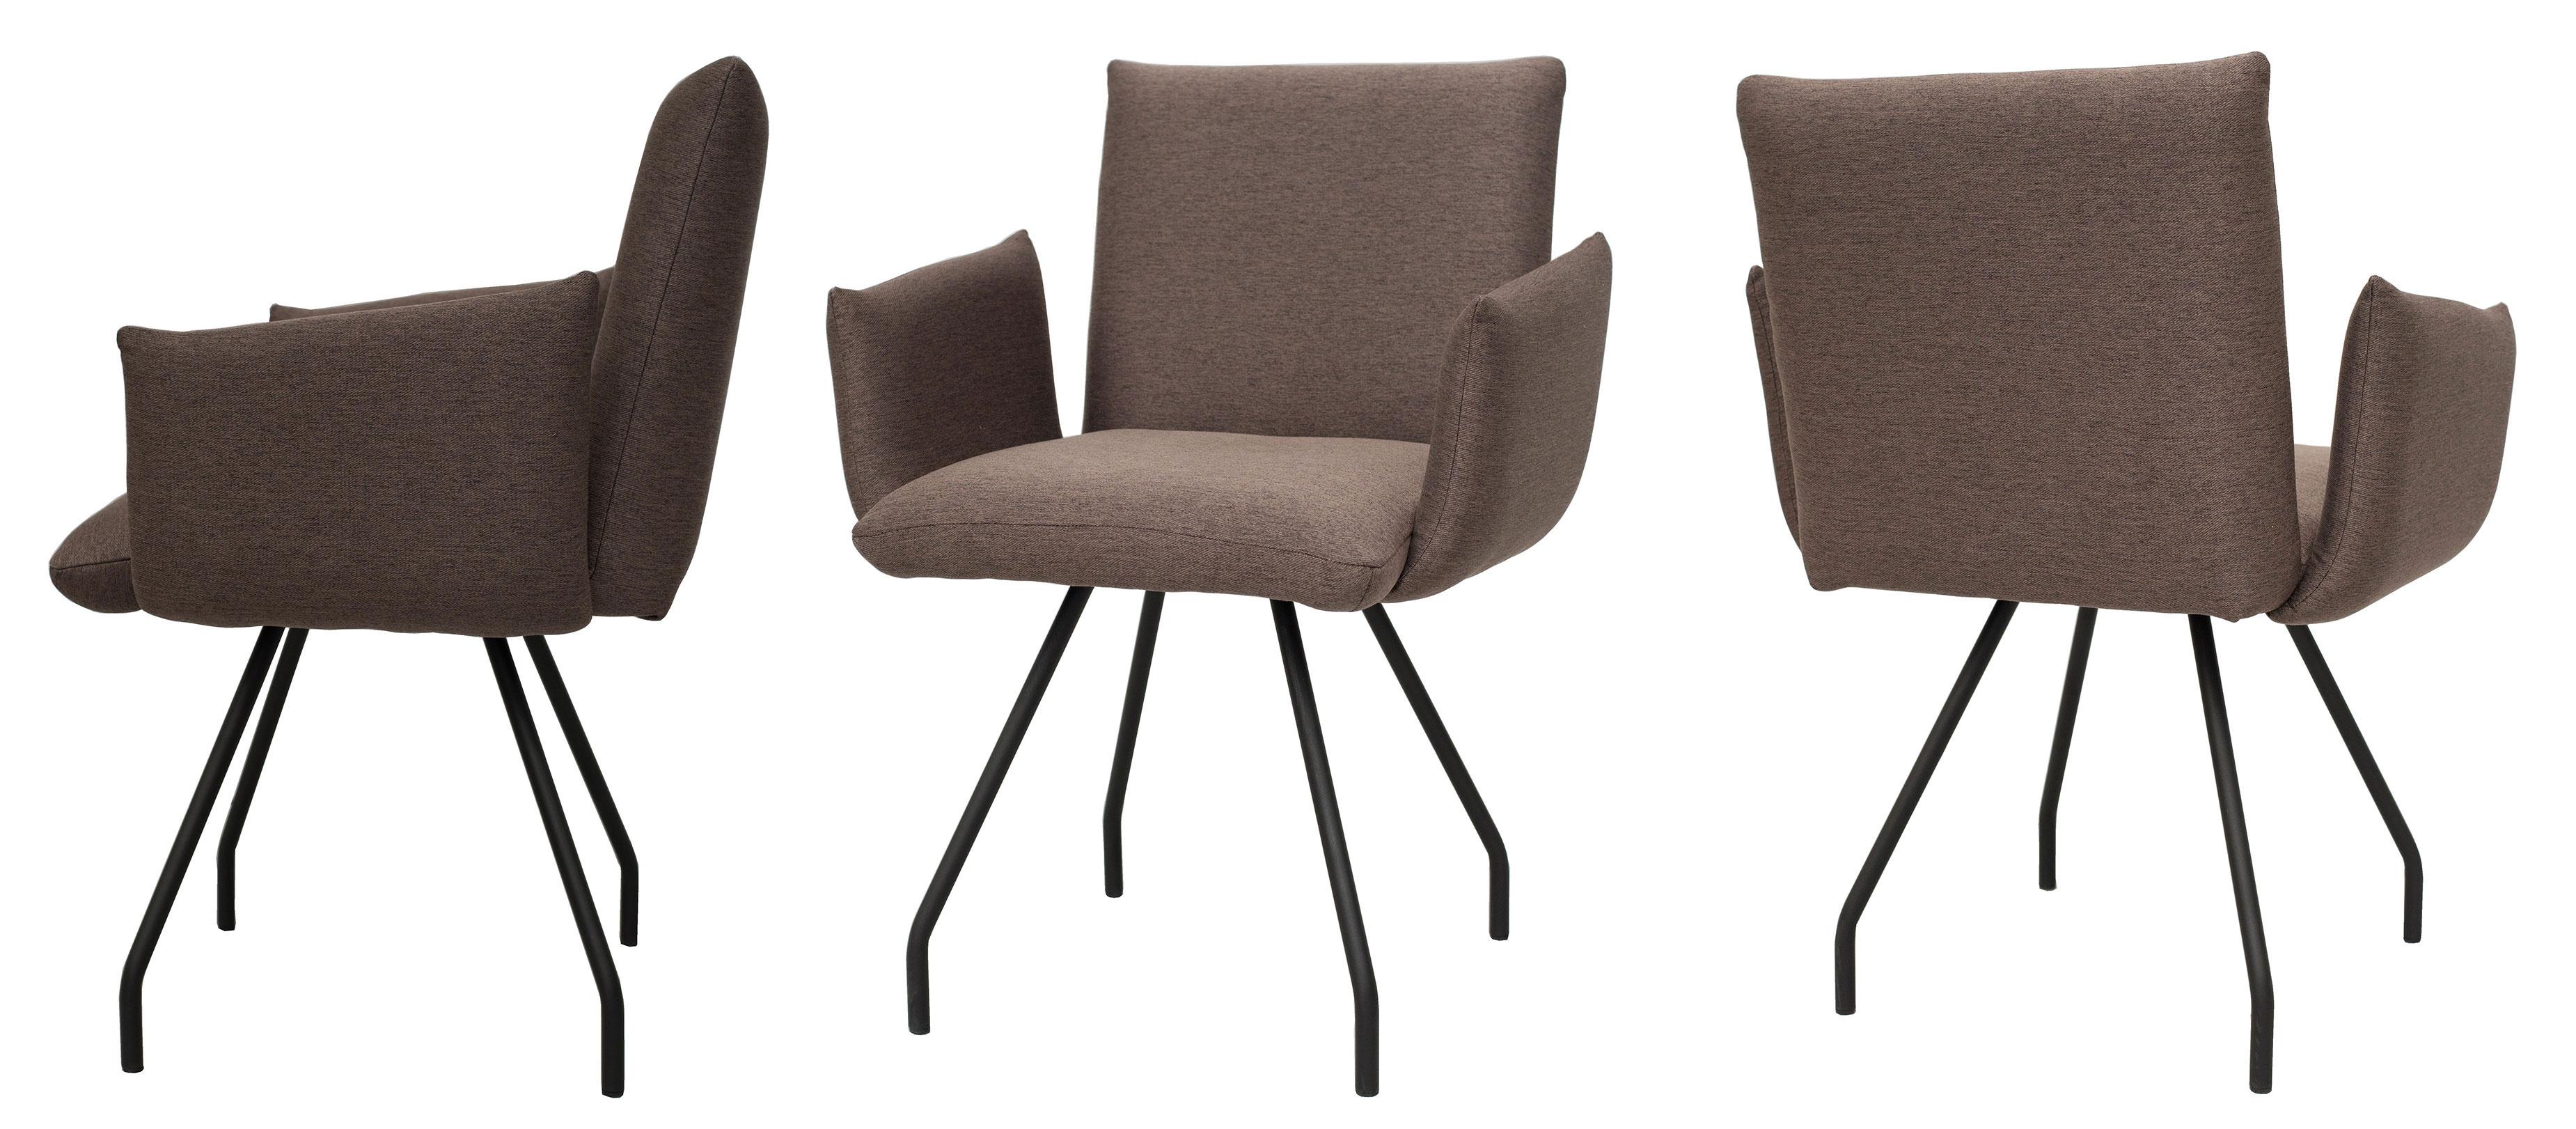 Standard Furniture Posada Armlehnstühle mit Metallbeinen